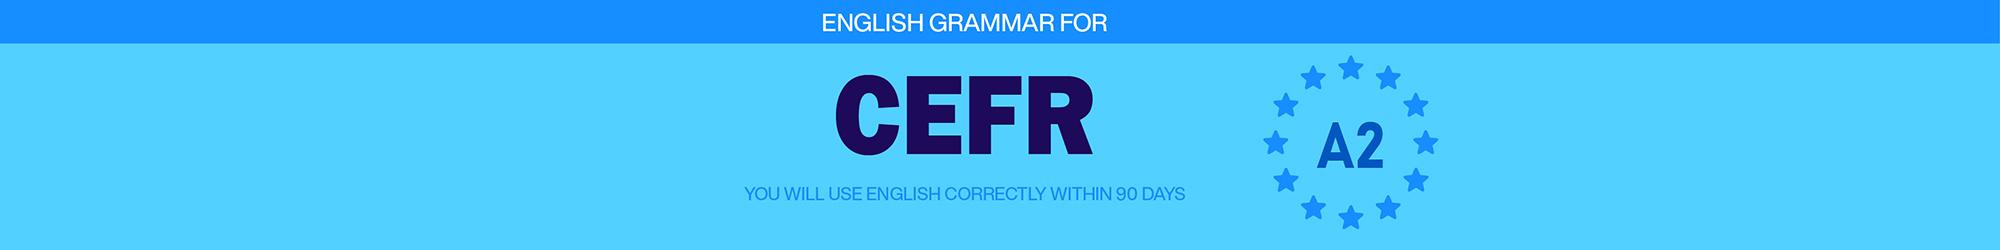 GRAMMAR FOR CEFR (A2) banner